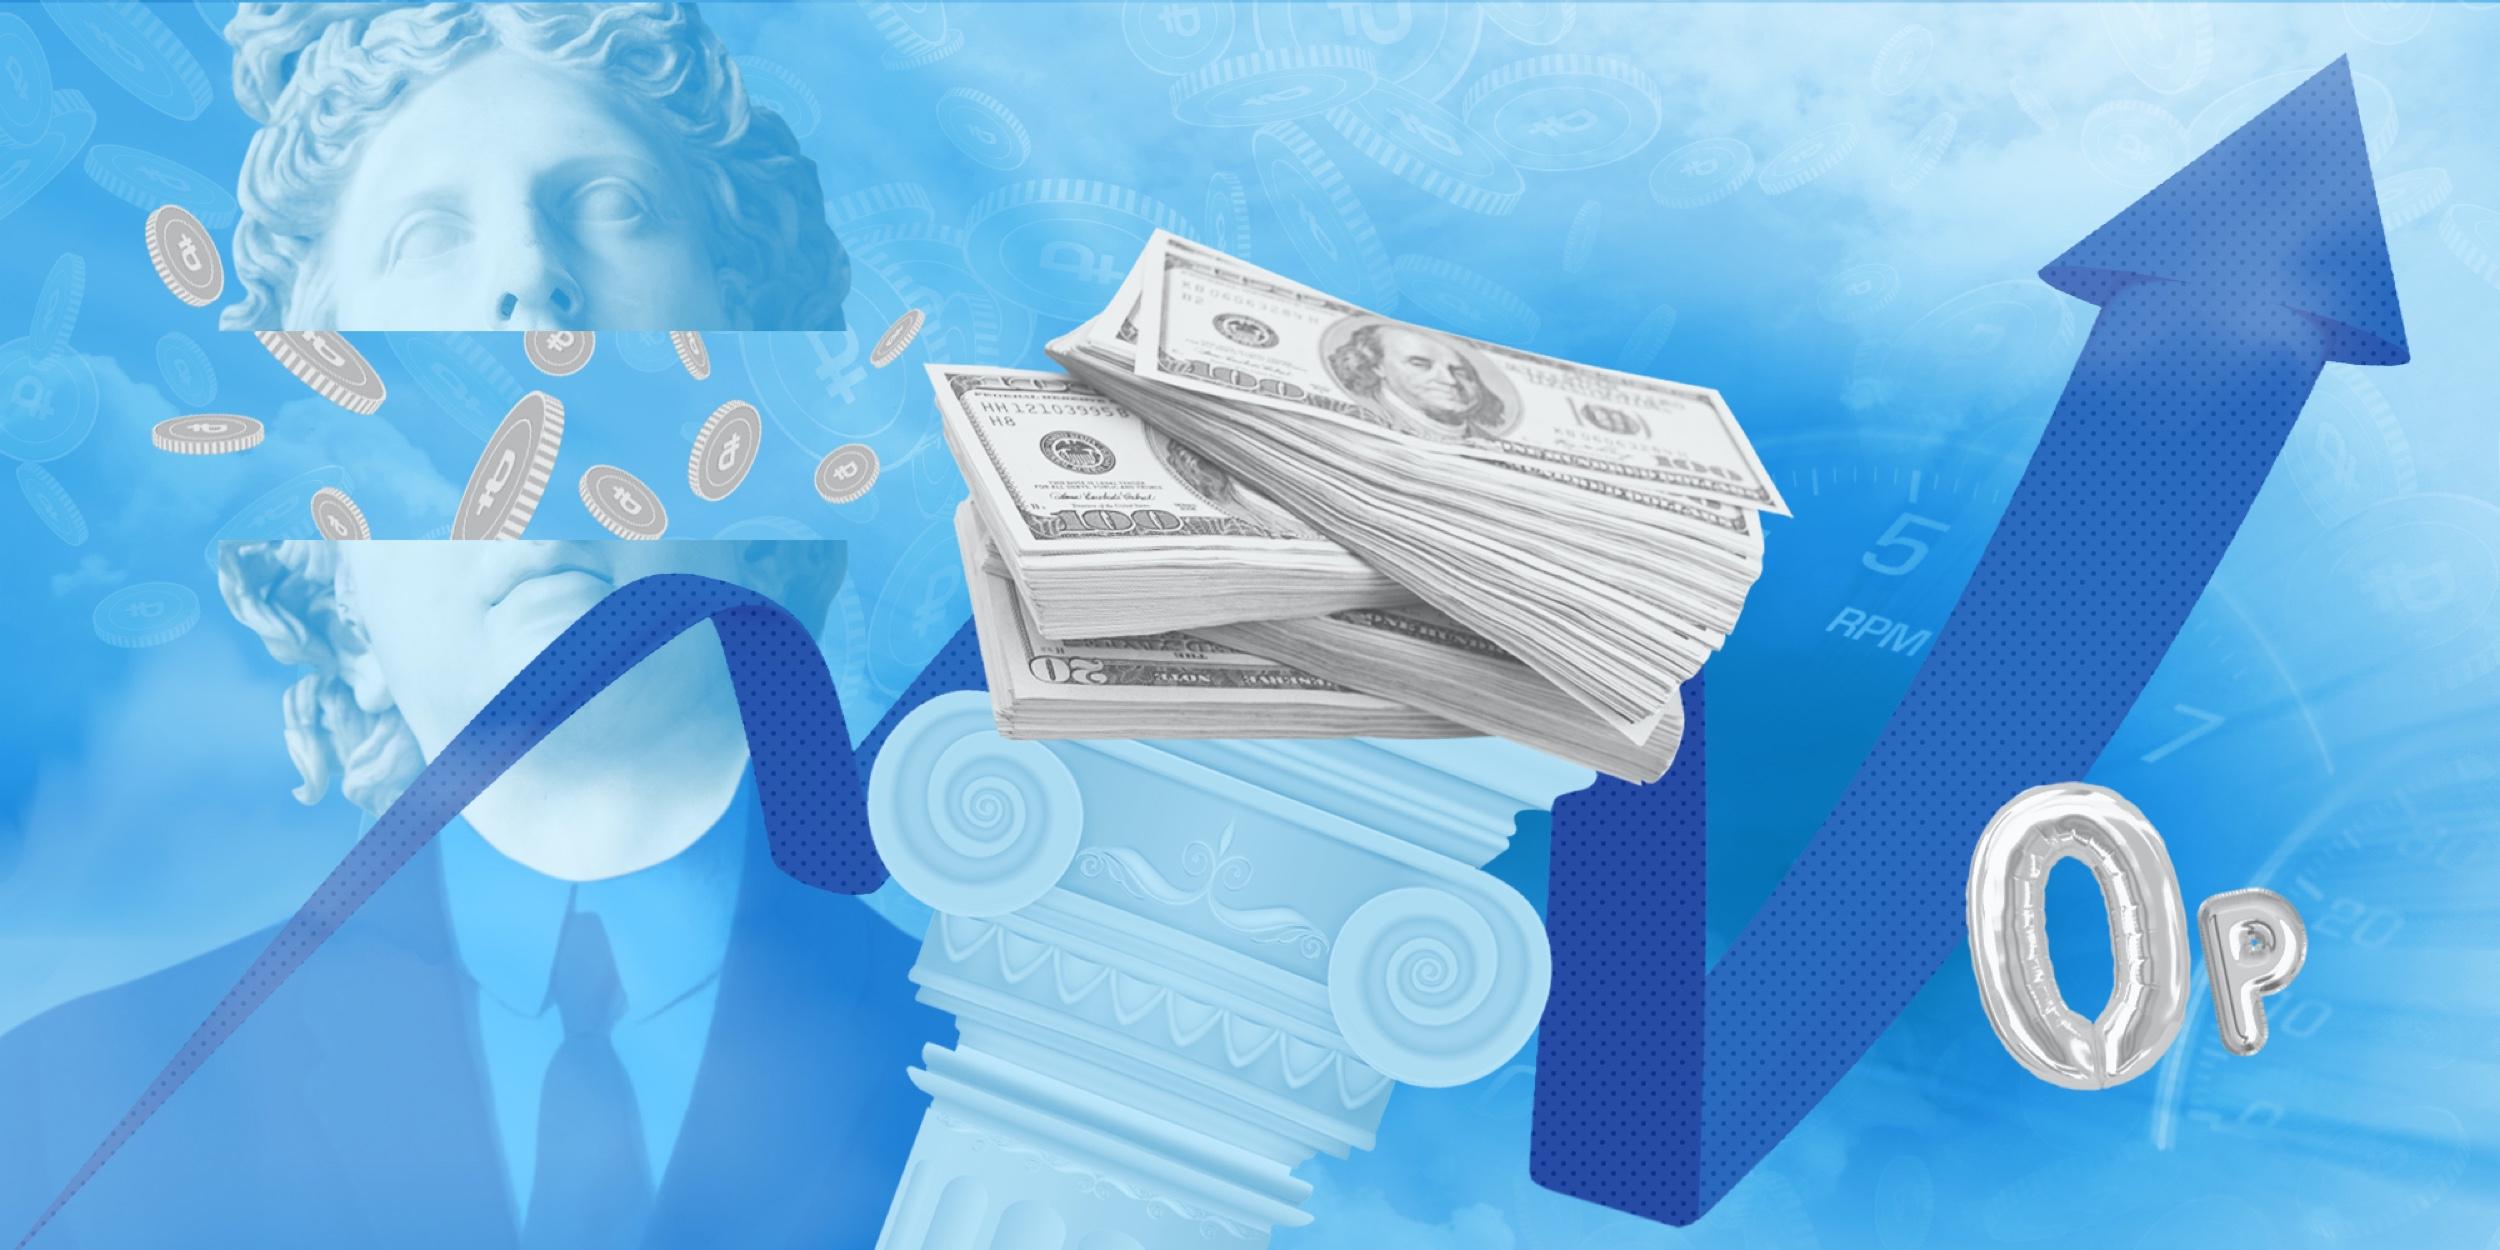 Втб кредит малый бизнес онлайн отп банк взять кредит номер телефона